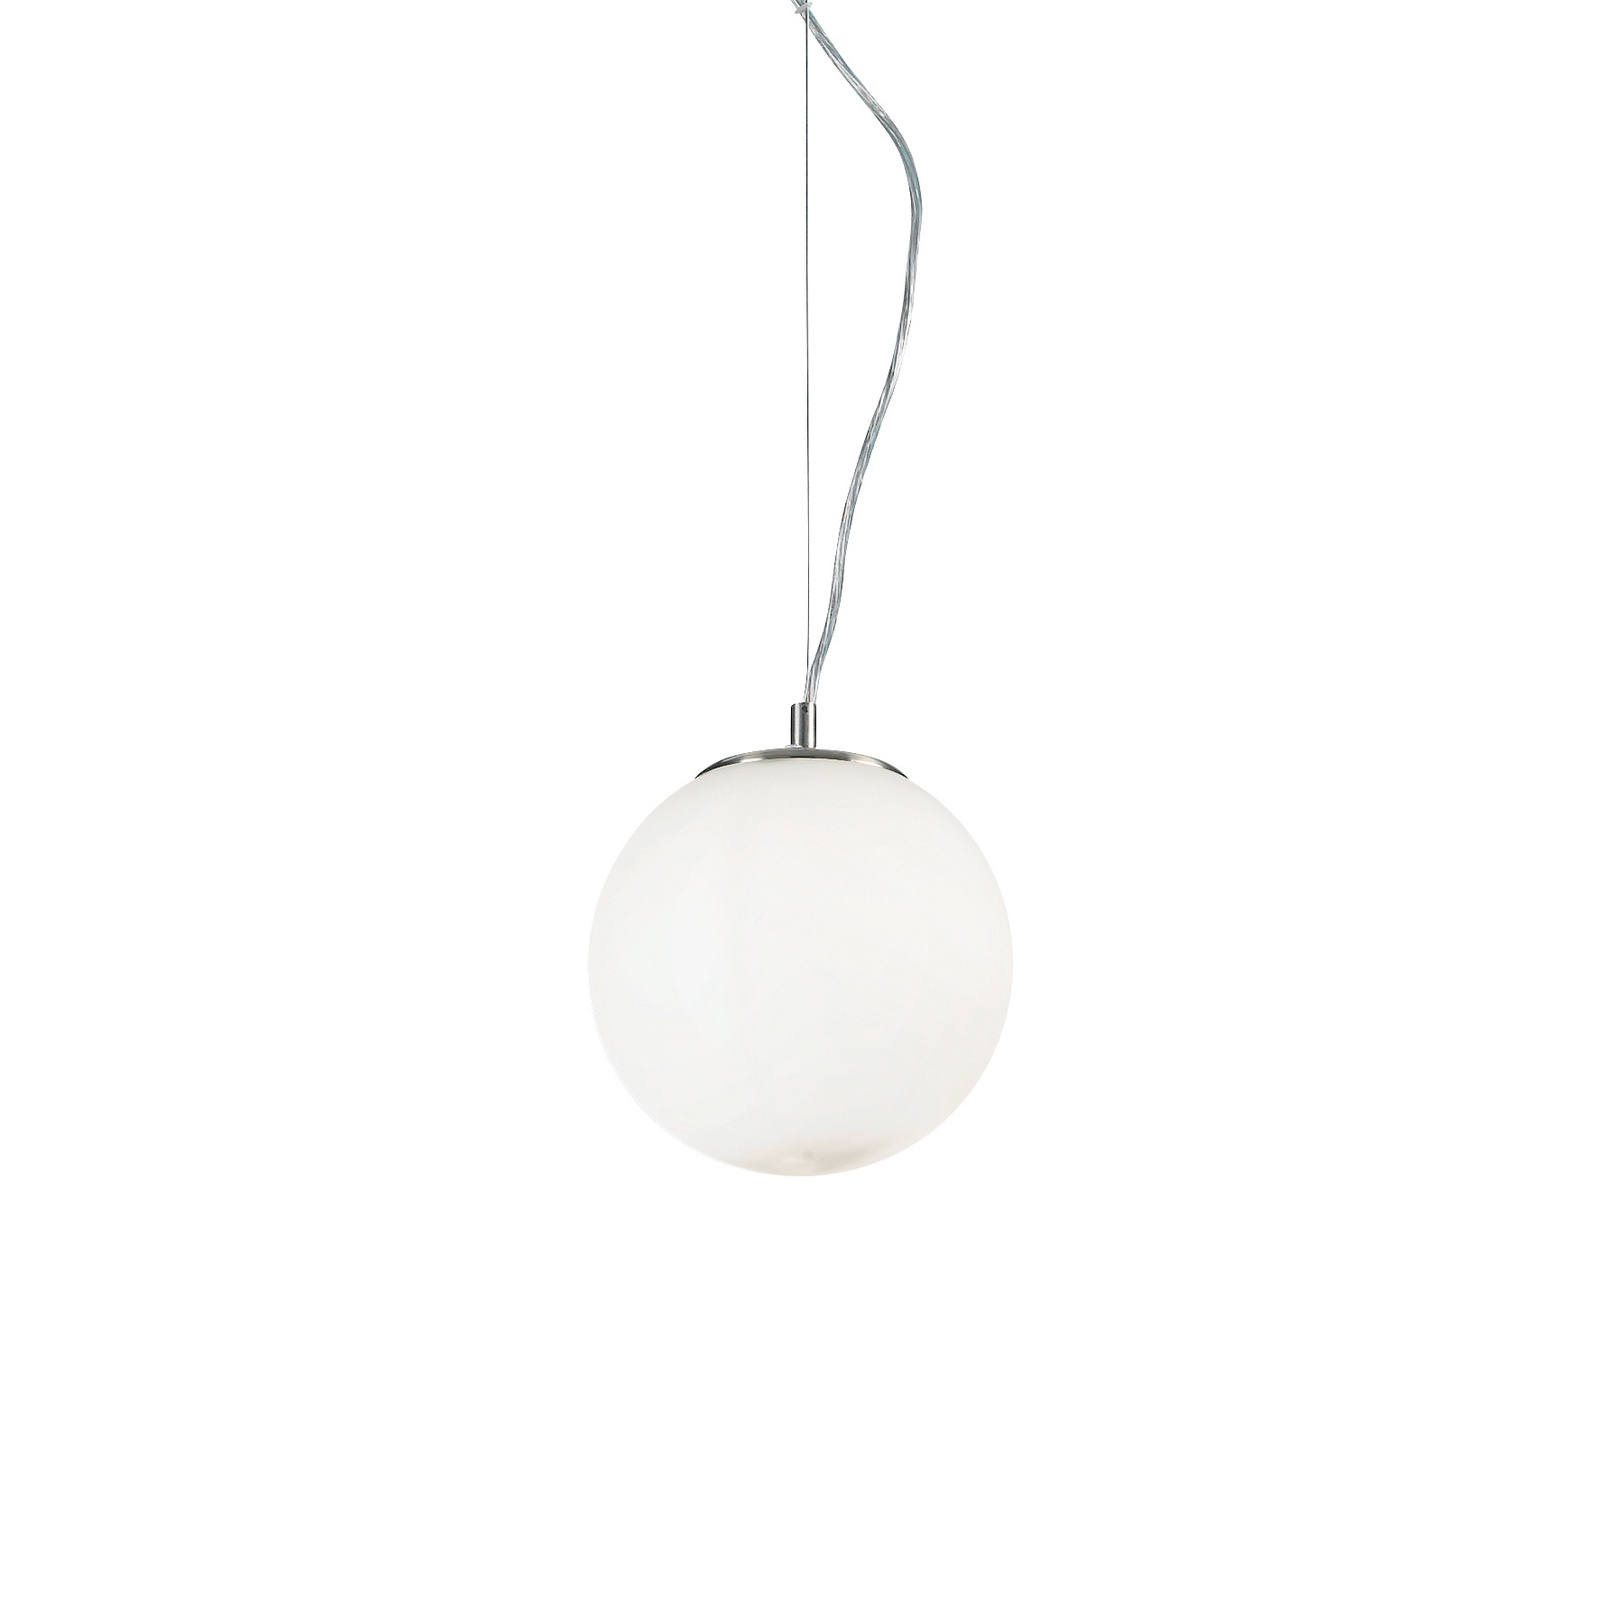 Подвесной светильник Ideal Lux SP1 D20 BIANCO подвесной светильник ideal lux cono sp1 bianco